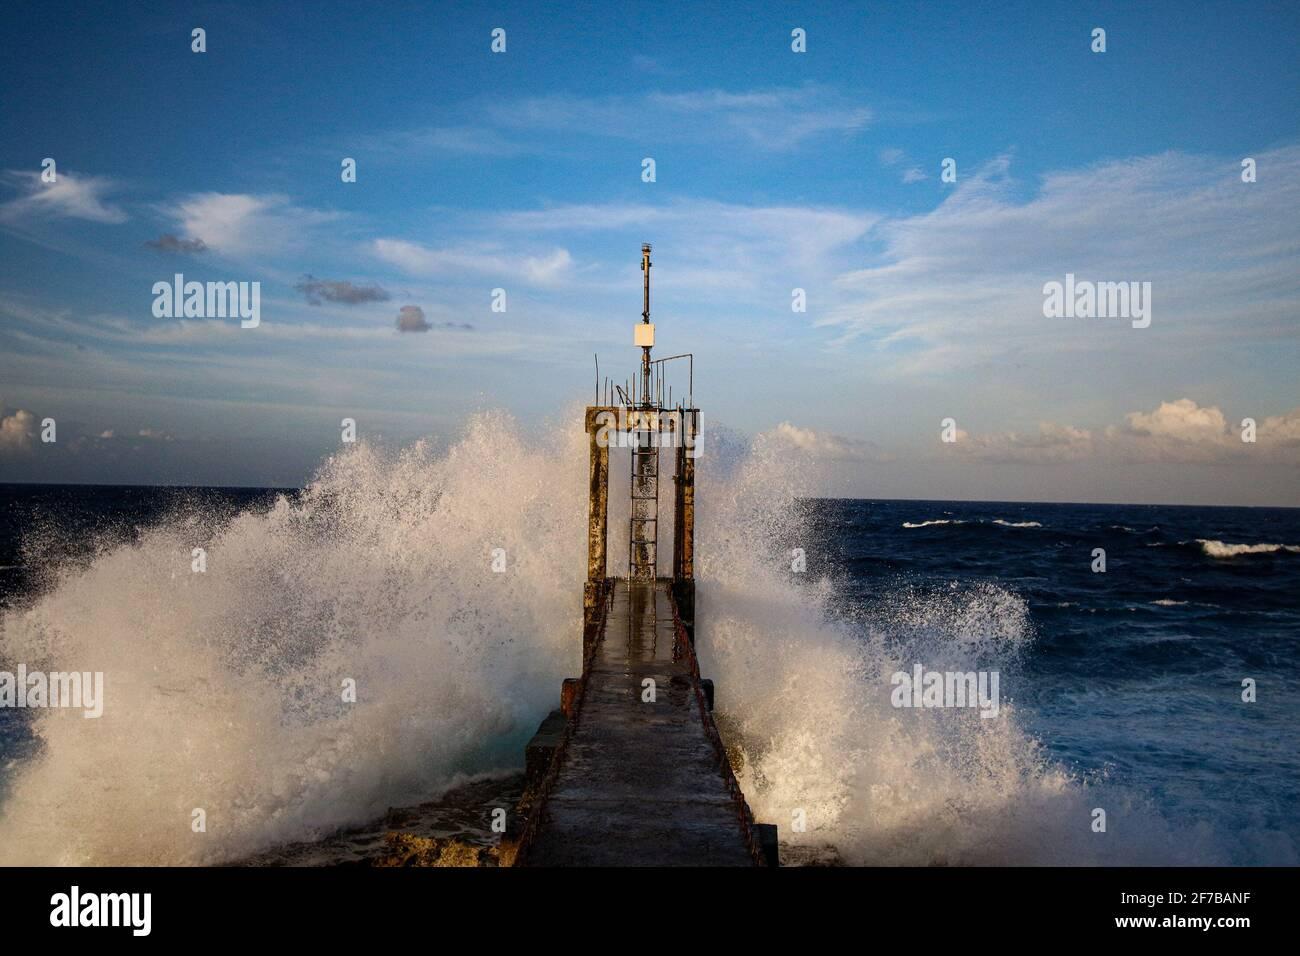 Este antes era un dispositivo de alerta de tsunamis situado en el Samar oriental de Guiuan Calicoan. Guiuan fue el sitio de primera caída durante el Super Typhoon Yolanda el 8 de noviembre de 2013 y considerado como una de las provincias vulnerables a los impactos del cambio climático. Filipinas. Foto de stock